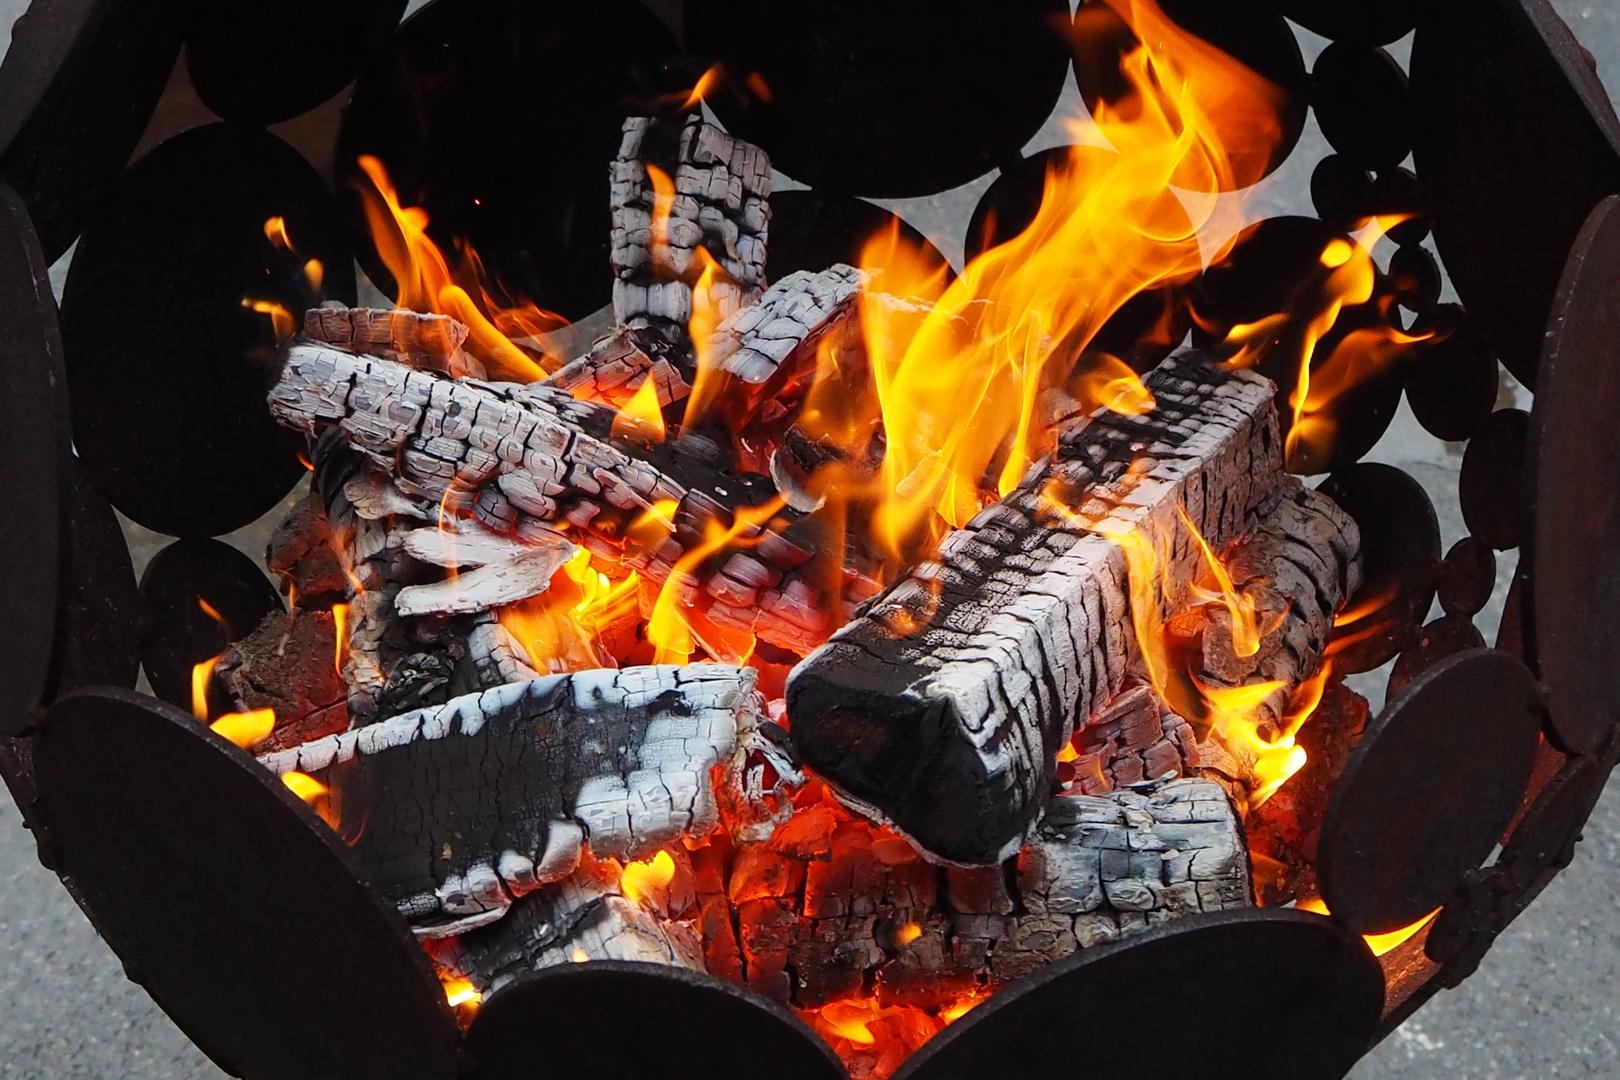 Feuerschale Foto Bild Stillleben Zufällige Arrangements Natur